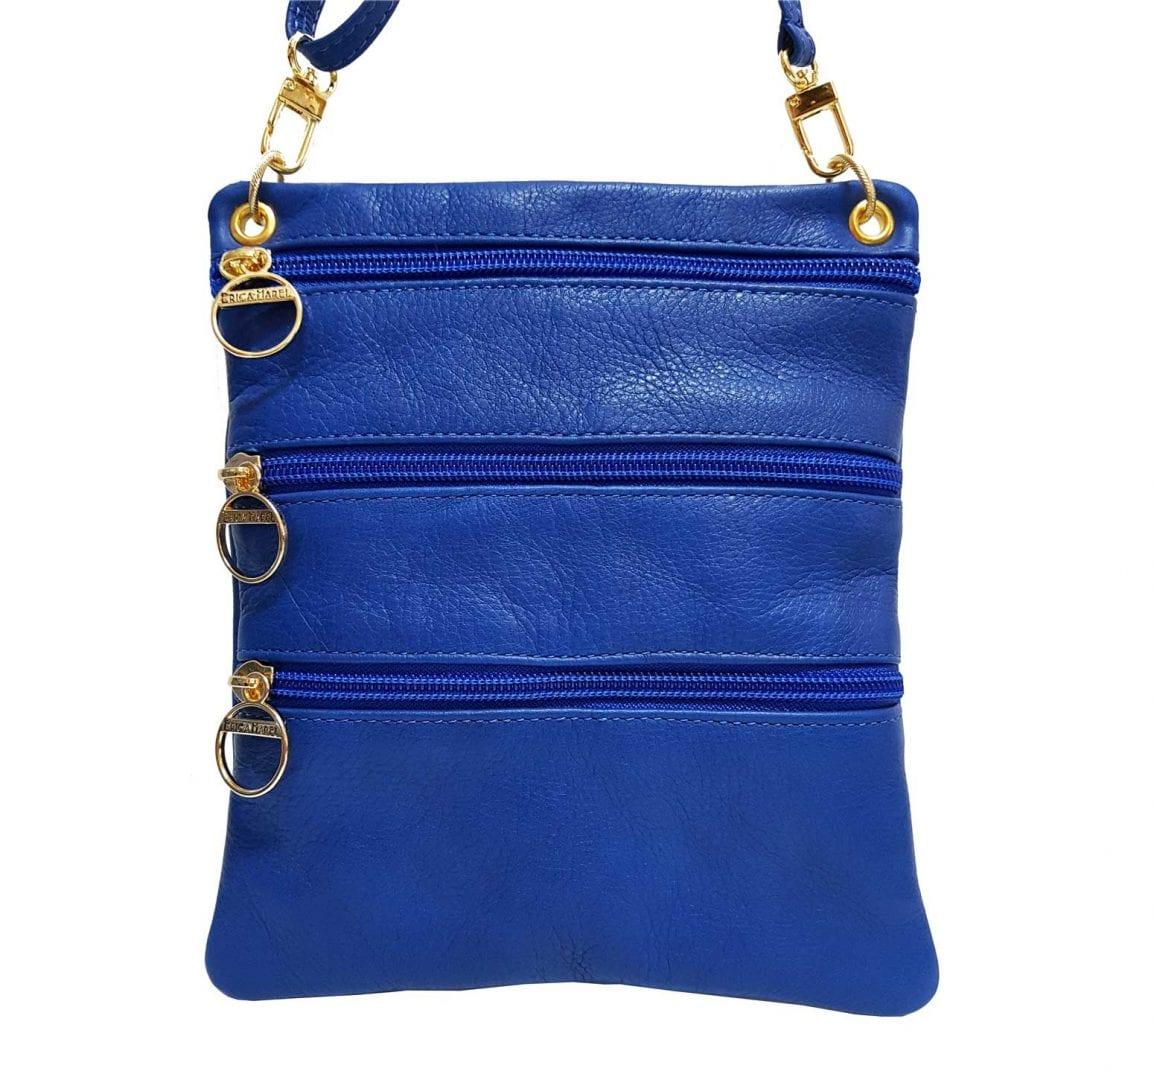 blue leather mini bag